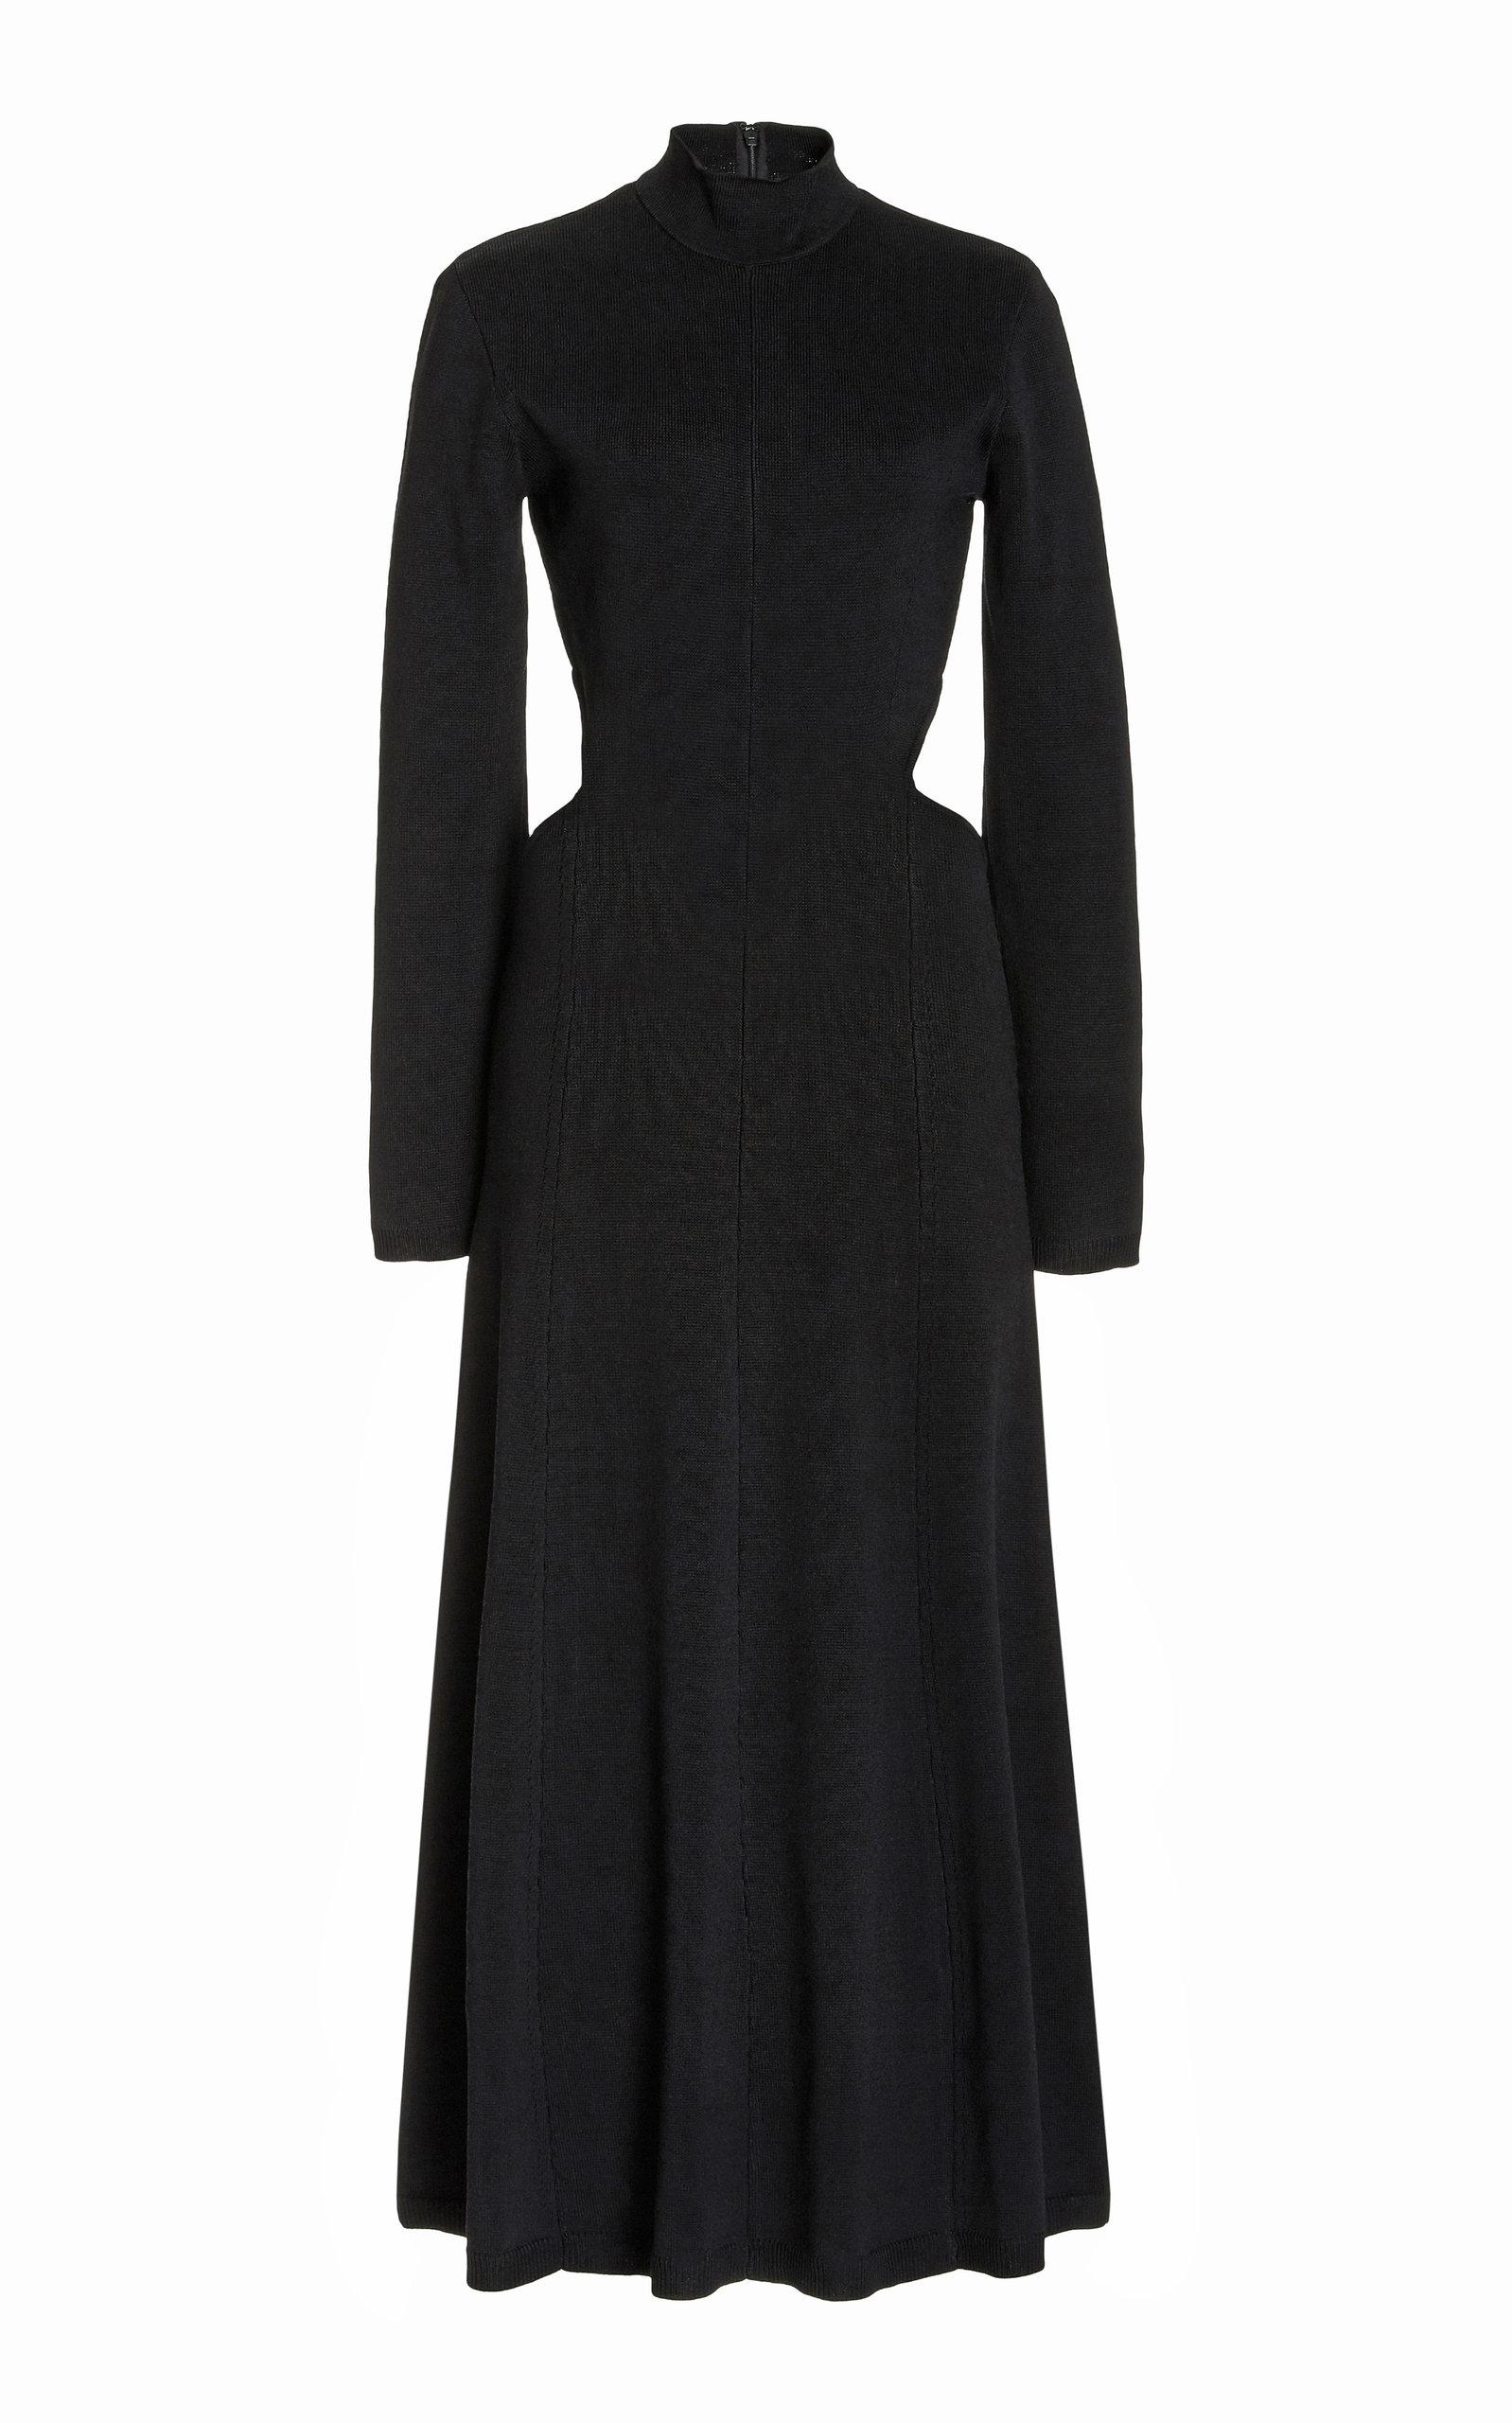 - Women's Anika Cutout Knit Dress